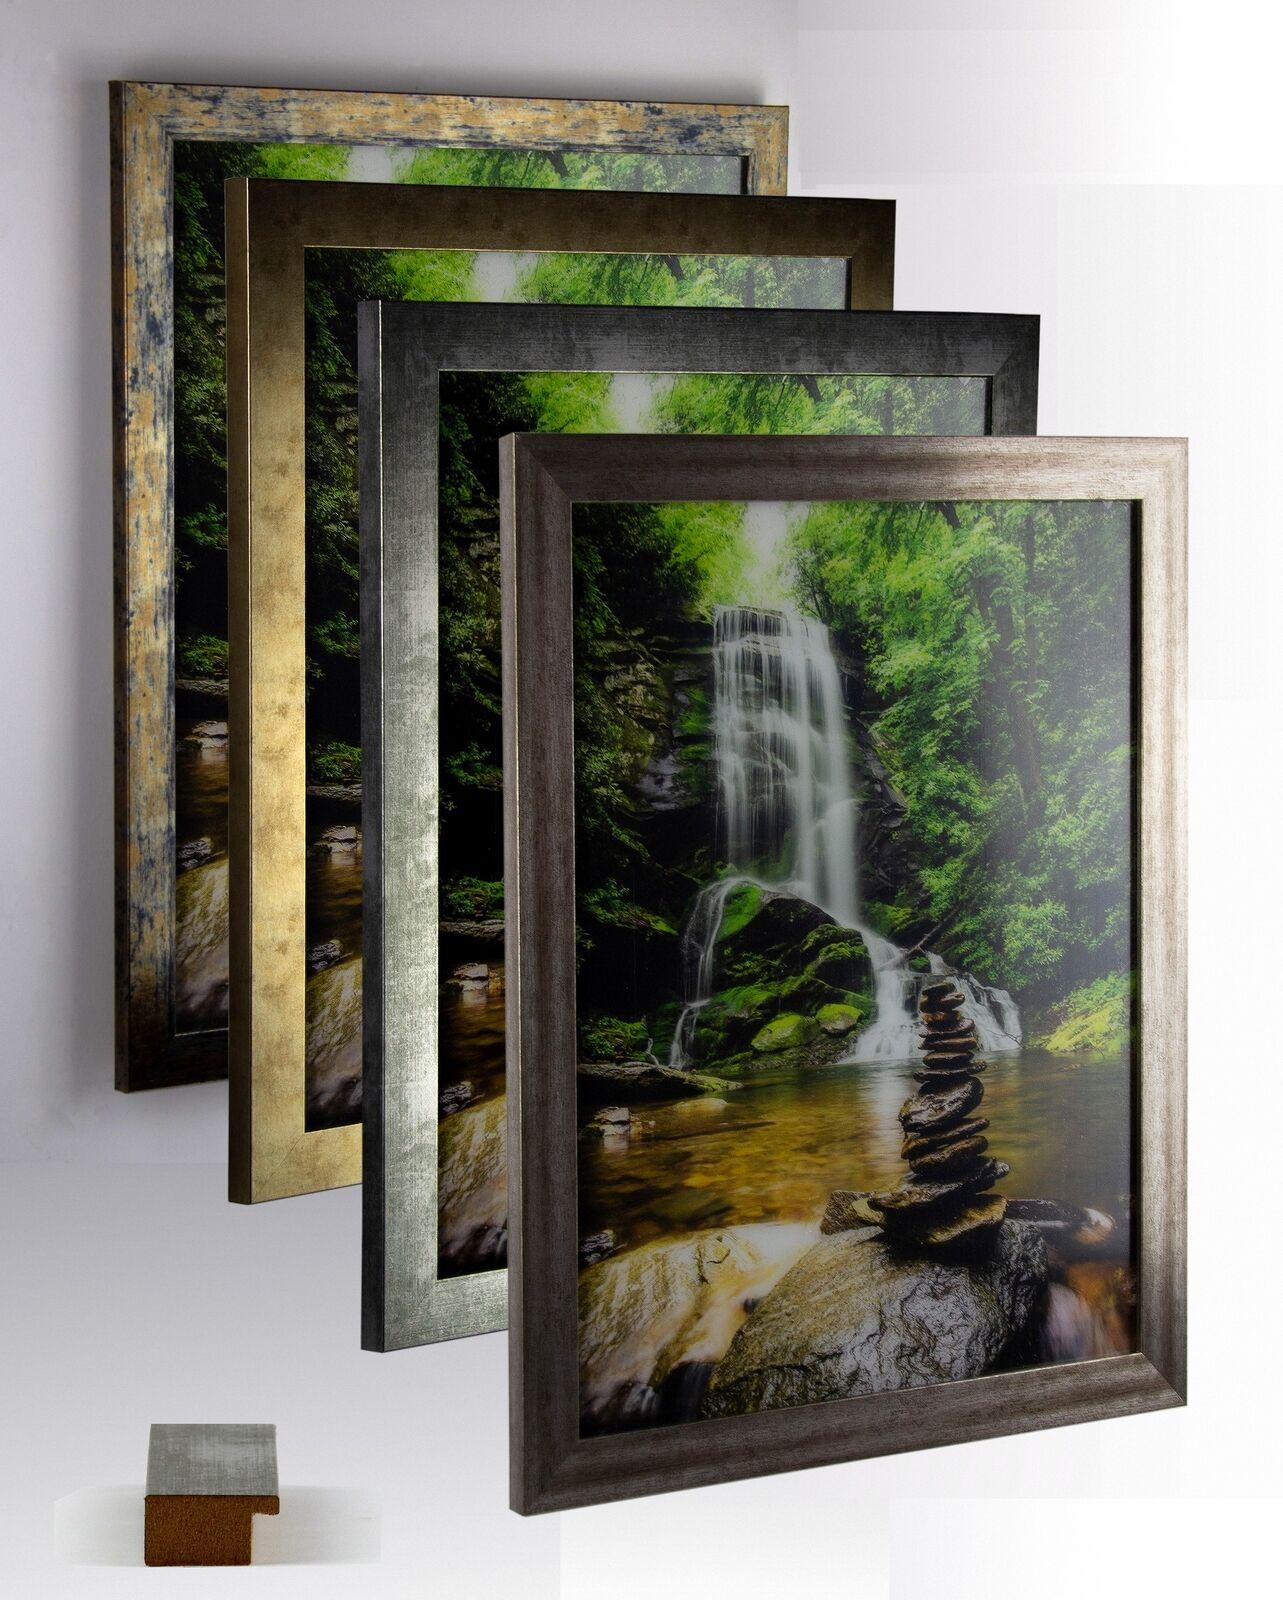 Bilderrahmen MDF Holz Juno Größenwahl DIN A Panorama USA Quadrat Puzzle Vintage | Beliebte Empfehlung